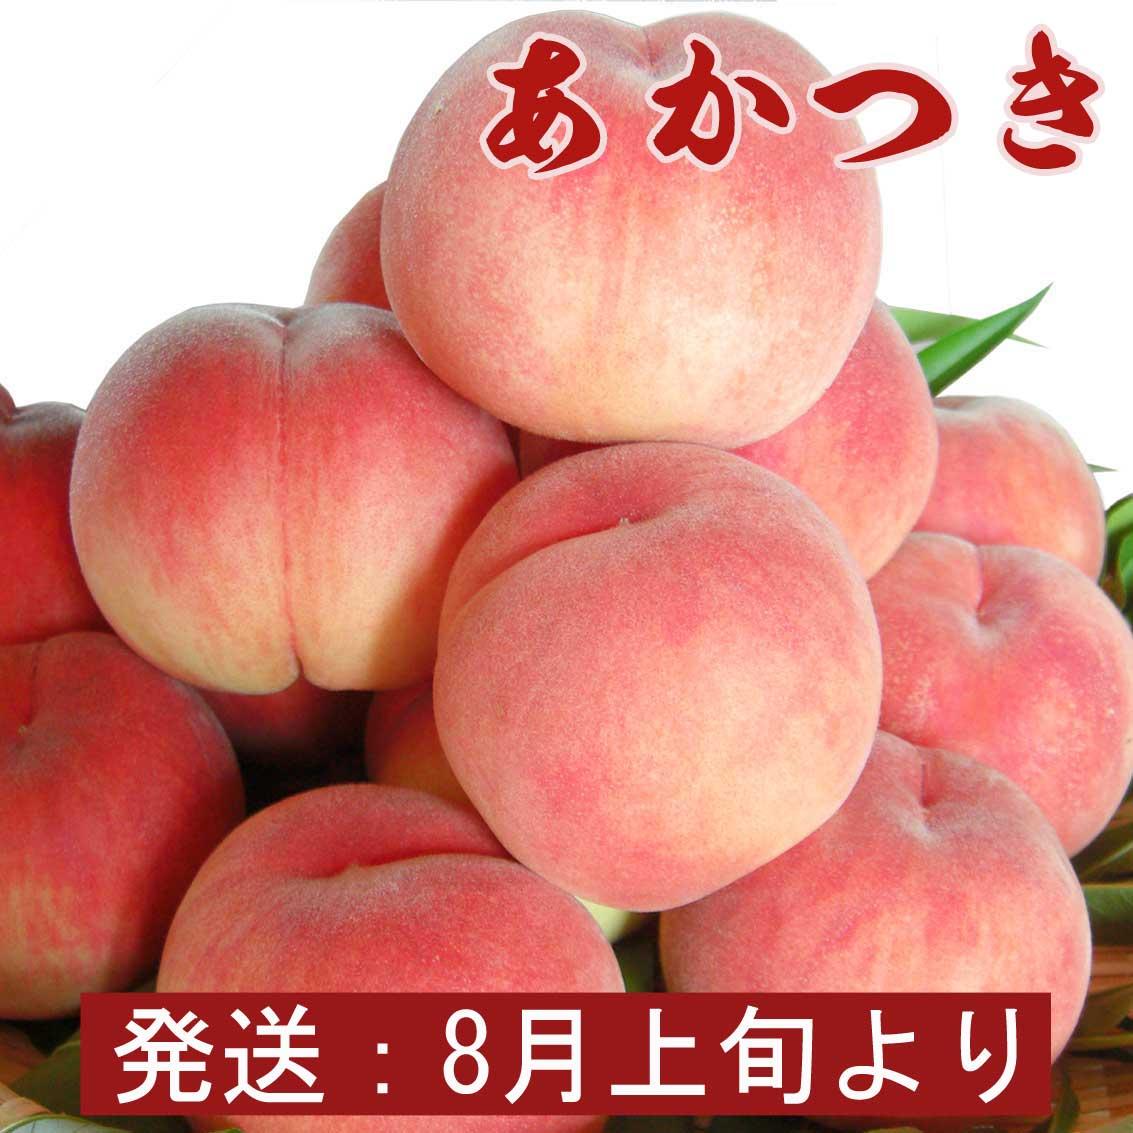 あかつき(白桃)6玉 2kg【ギフト、お祝い、化粧箱、贈答用】